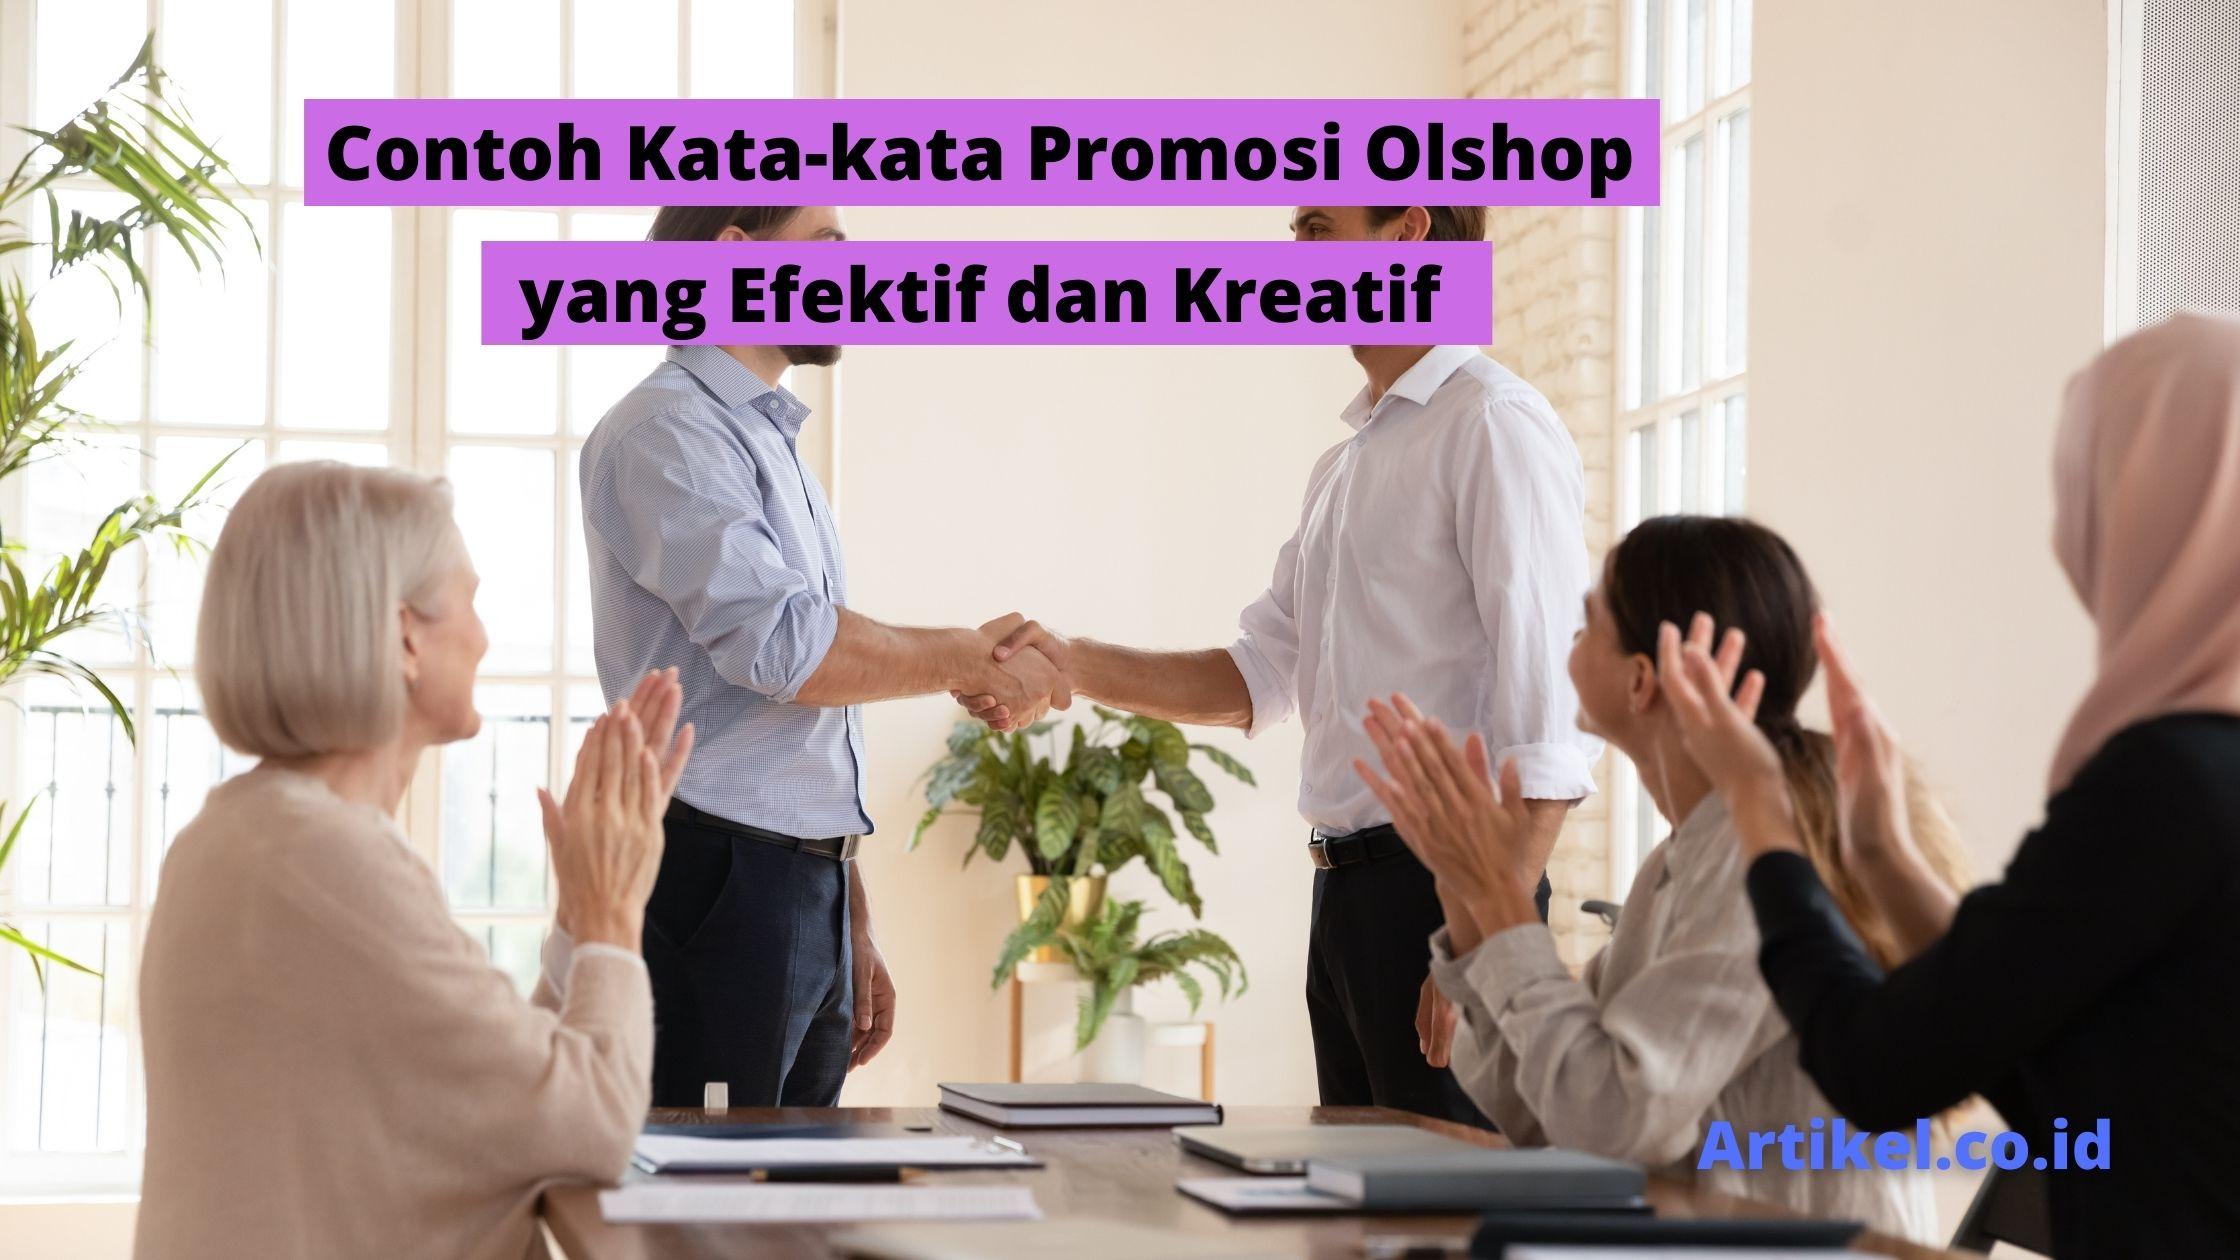 Read more about the article Contoh Kata-kata Promosi Olshop yang Efektif dan Kreatif